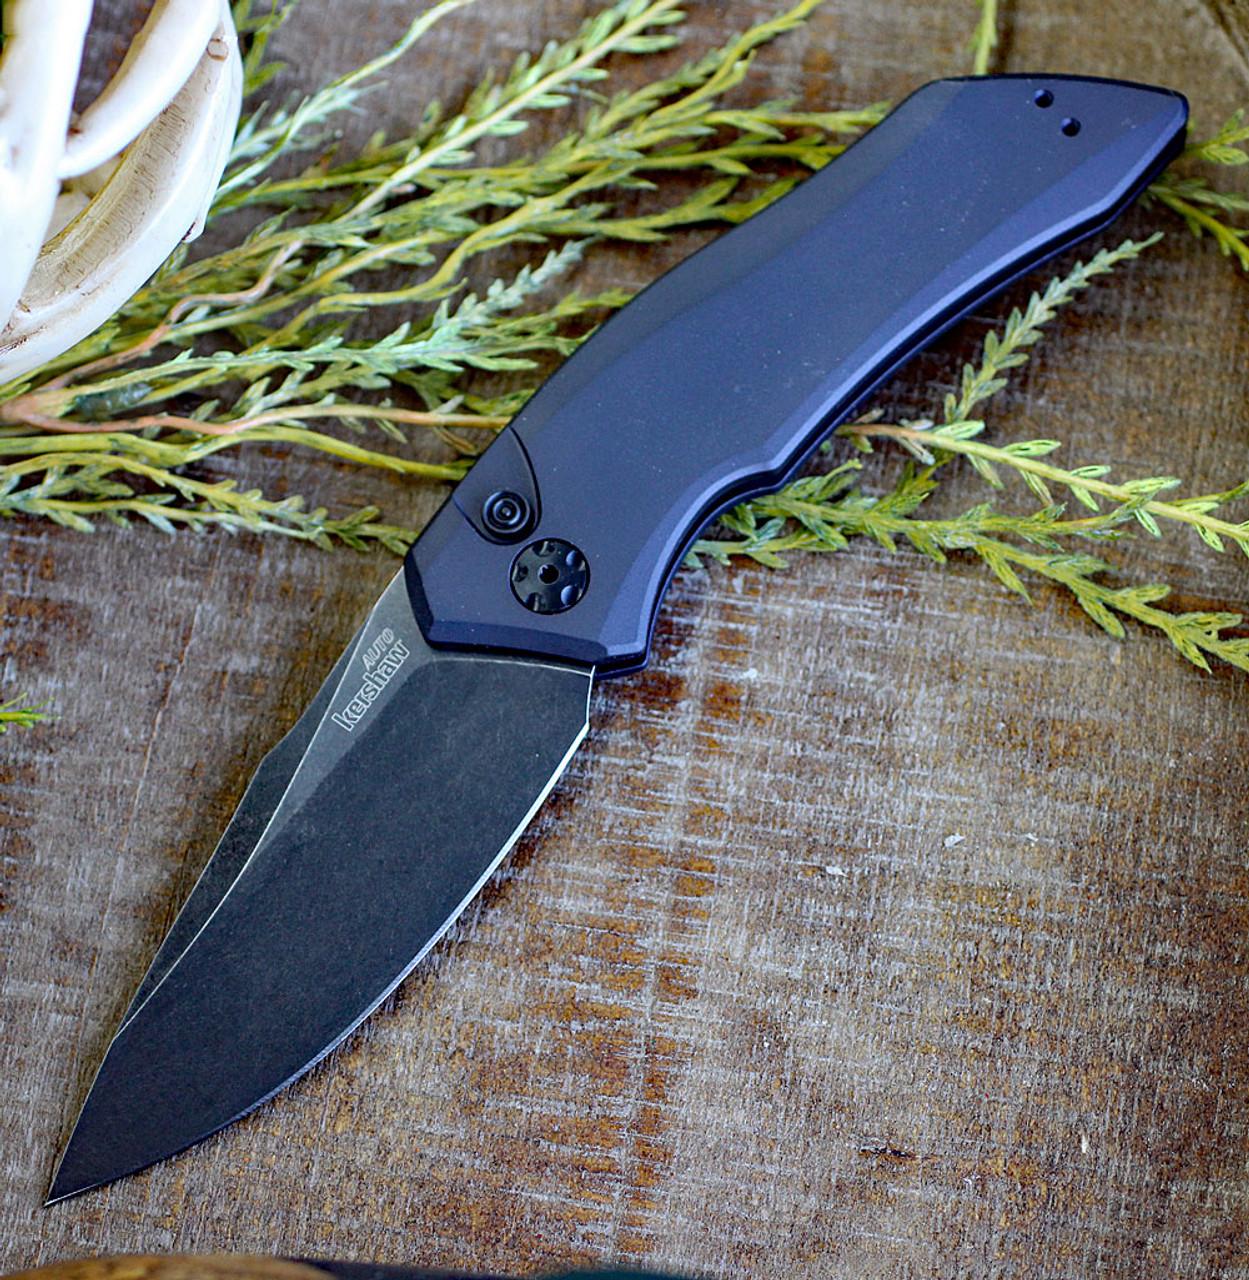 """Kershaw  7100GRYBW Launch 1 AUTO Folding Knife, 3.4"""" CPM154 Blackwash Finish Blade, Gray Aluminum Handle"""